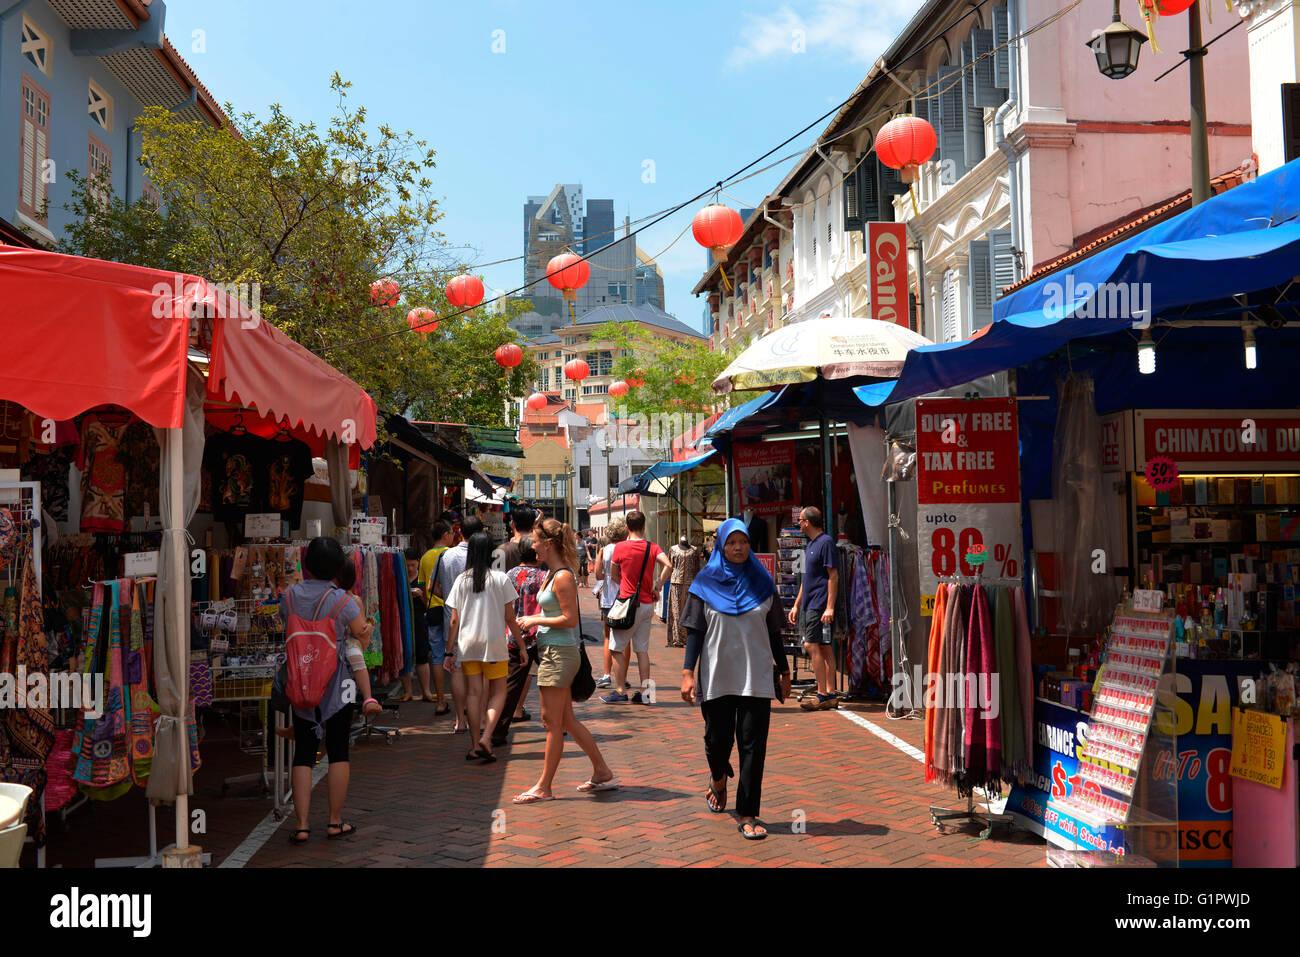 Pagoda Street, Chinatown, Singapur - Stock Image